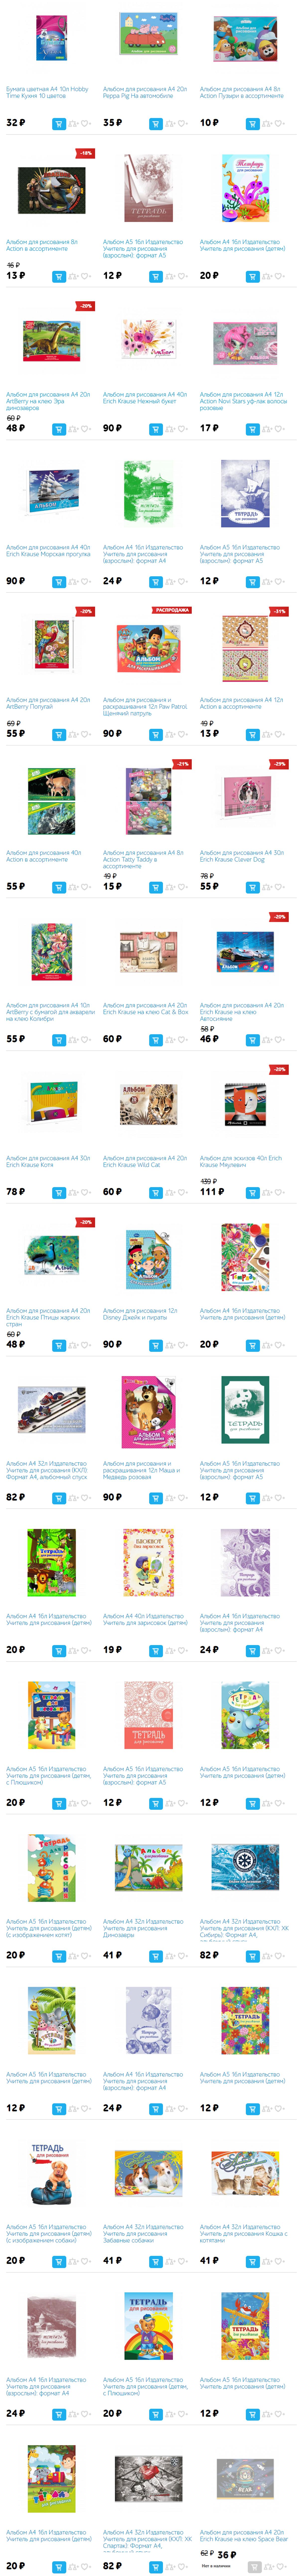 Альбомы и бумага для рисования в каталоге Дочки-Сыночки Кувандык